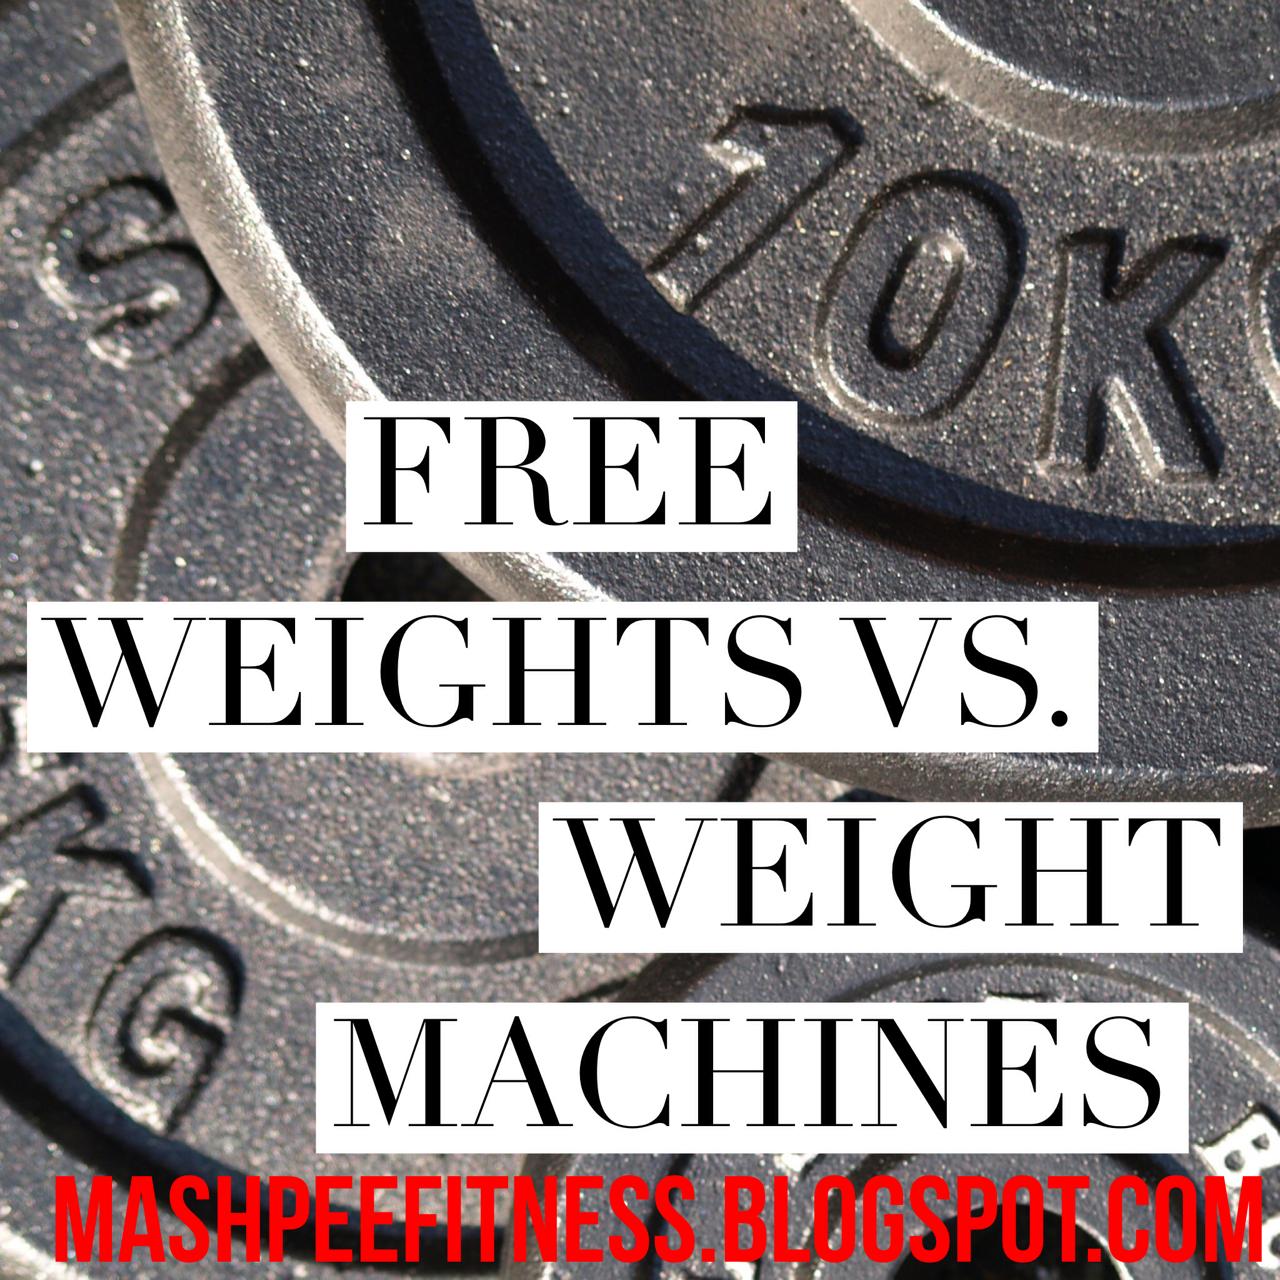 free weights vs machines weights essay Weight machines - pros and cons of machines and free weights.